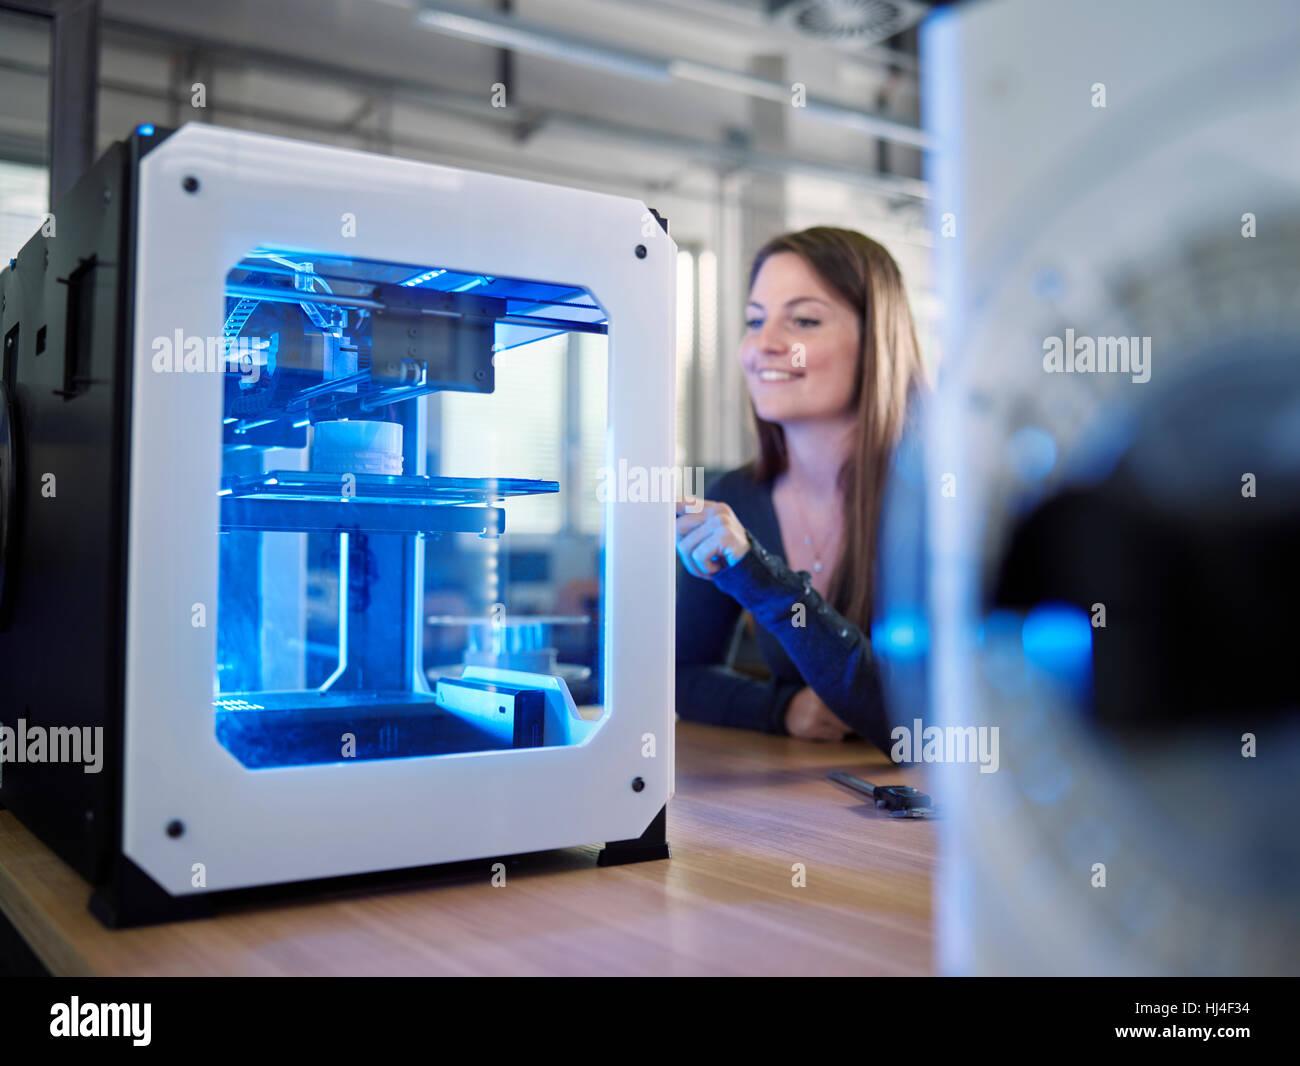 Empleado, 25-30 años, abriendo la impresora 3D en producción, laboratorio FabLab, Wattens, Tirol, Austria Imagen De Stock